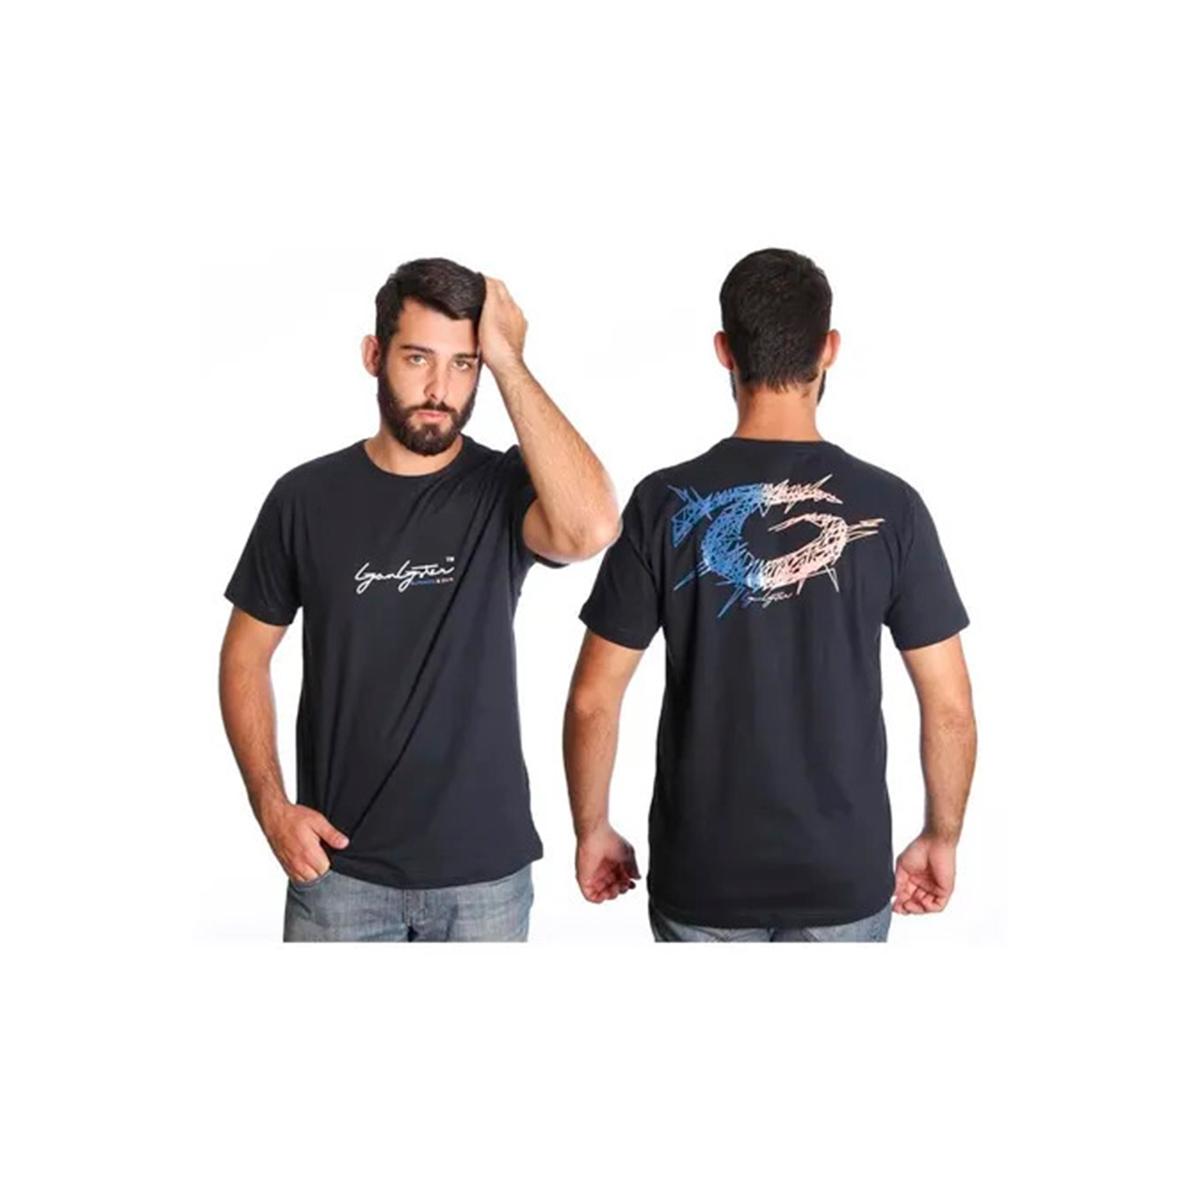 Kit 4 Camisetas Sortidas Masculina Estampadas Gangster